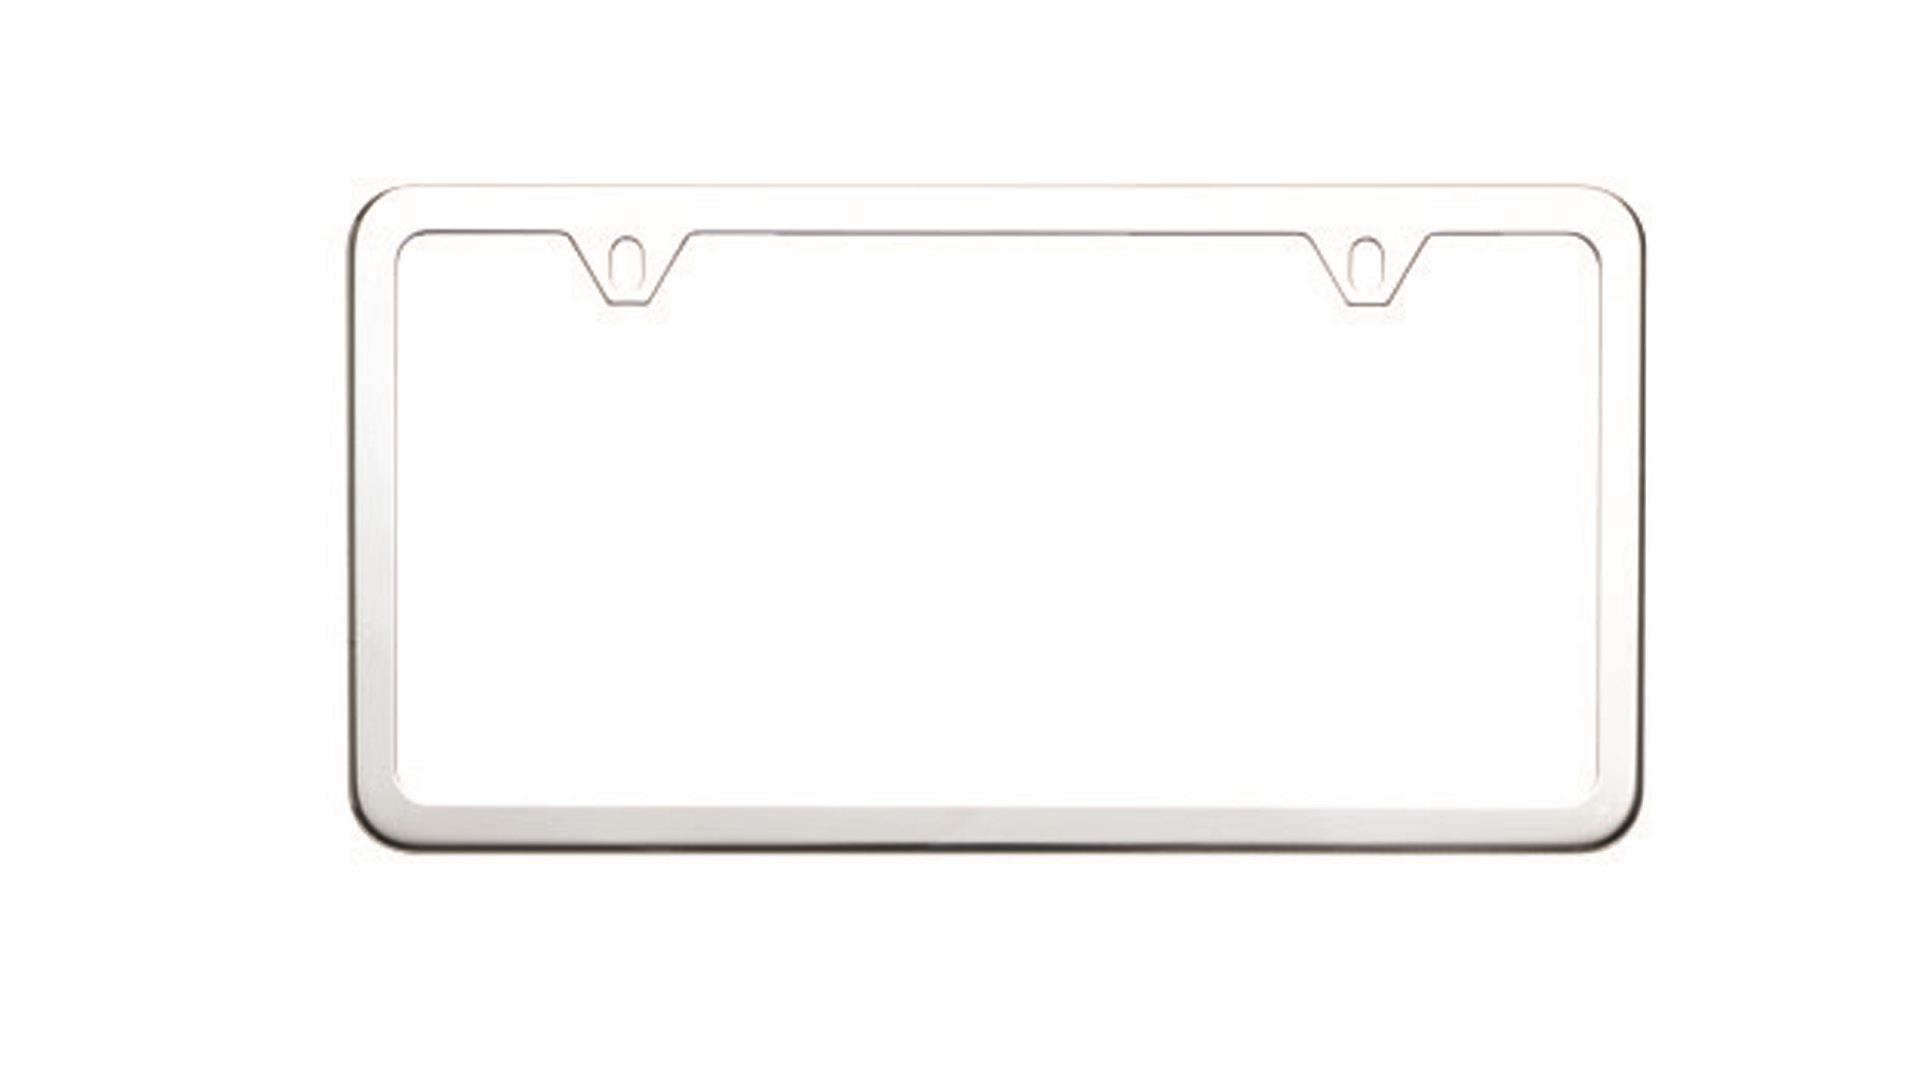 Subaru Impreza License Plate Frame Slim Line Stainless